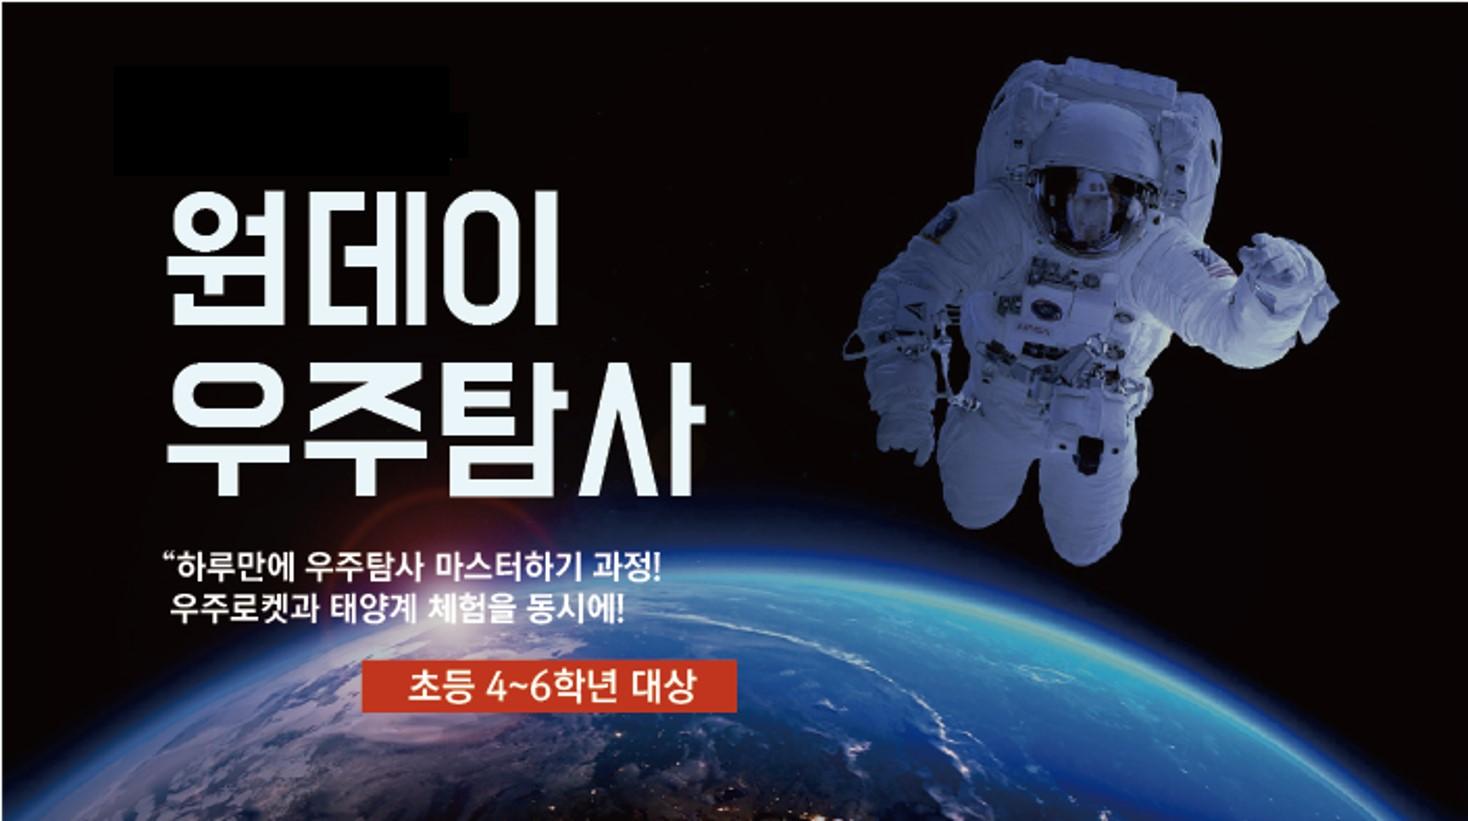 [여름방학특집] 원데이우주탐사